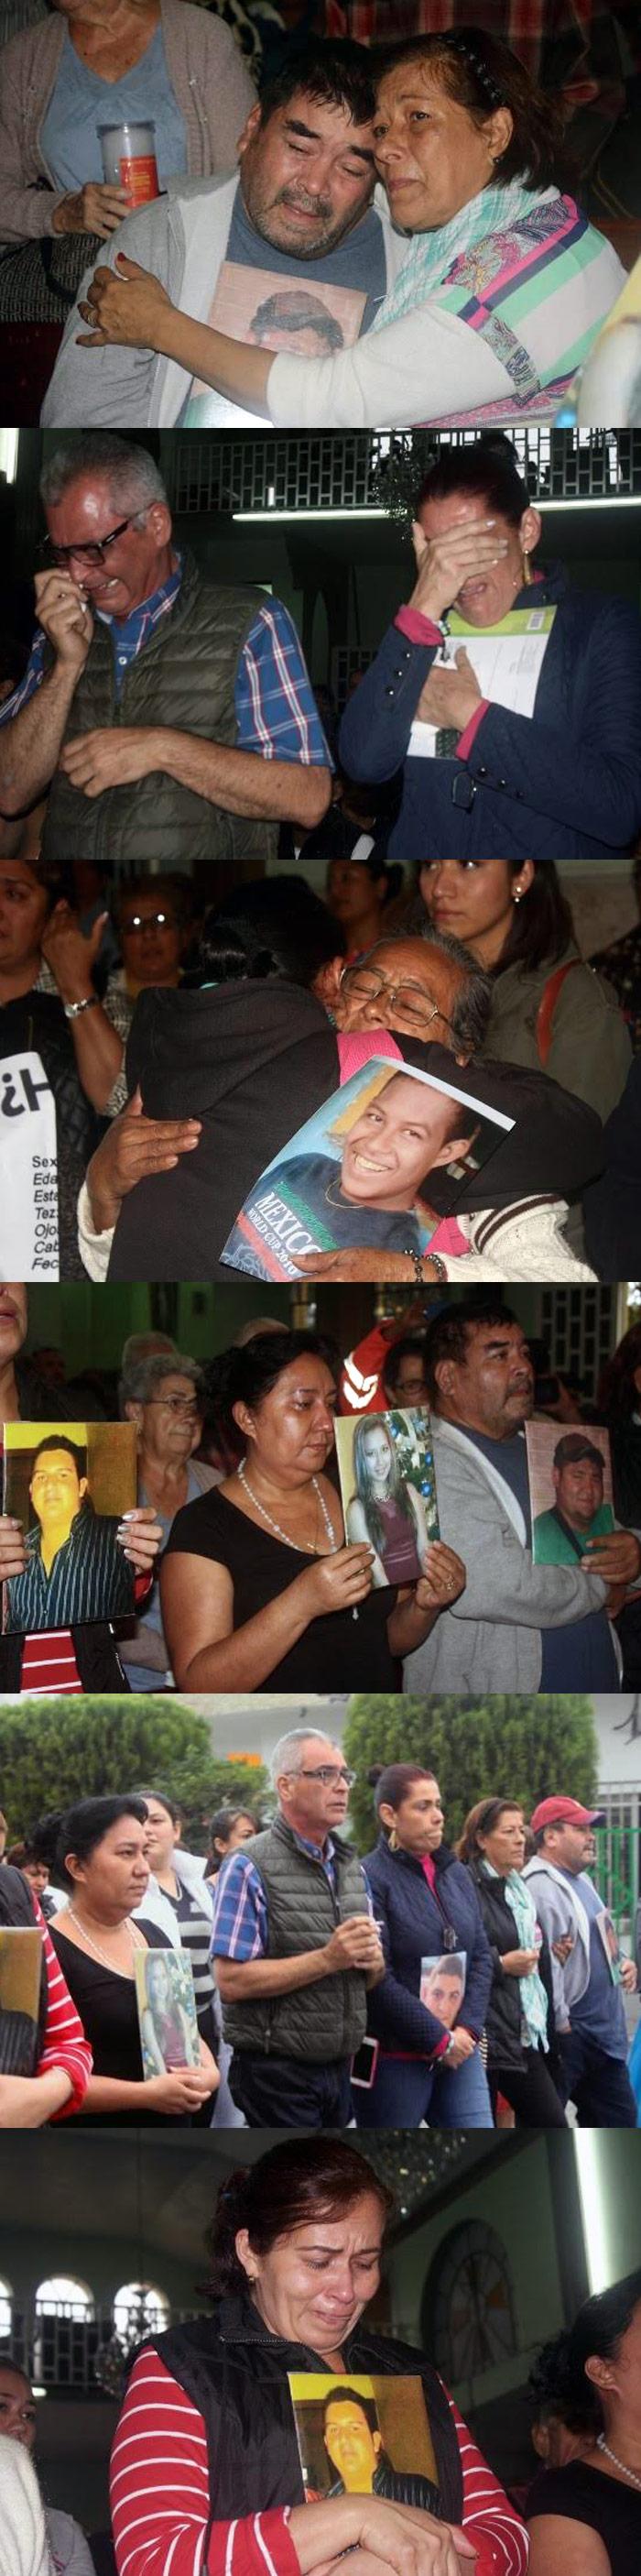 Fotos de Miguel Ángel León Carmona, BlogExpediente para SinEmbargo